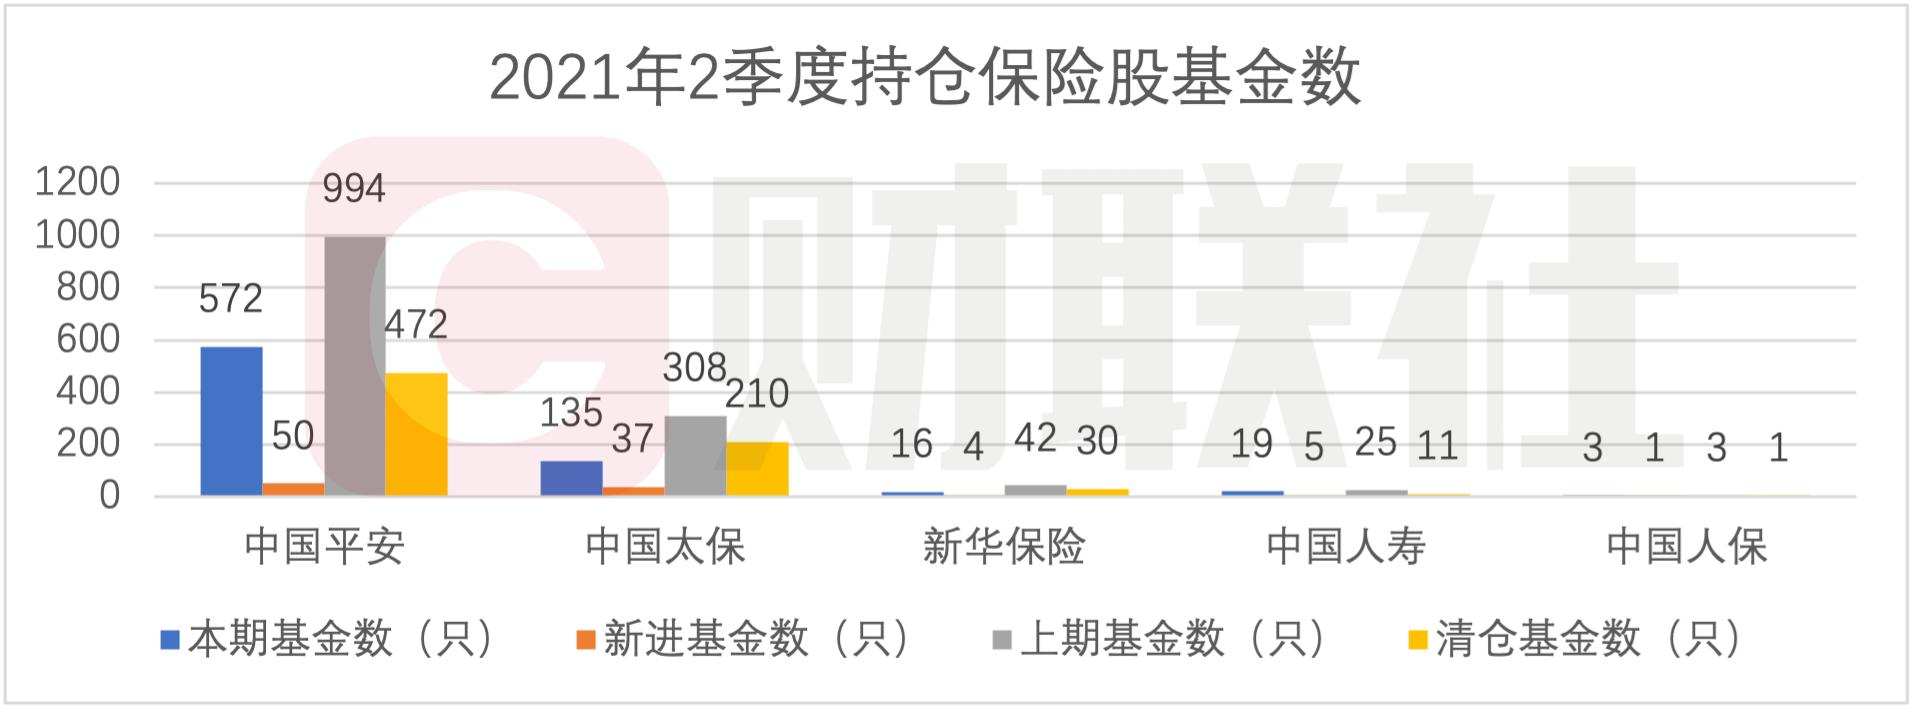 """A股5大险企二季度遭基金净减持超3.7亿股 新华保险被7成""""基金粉""""抛弃"""